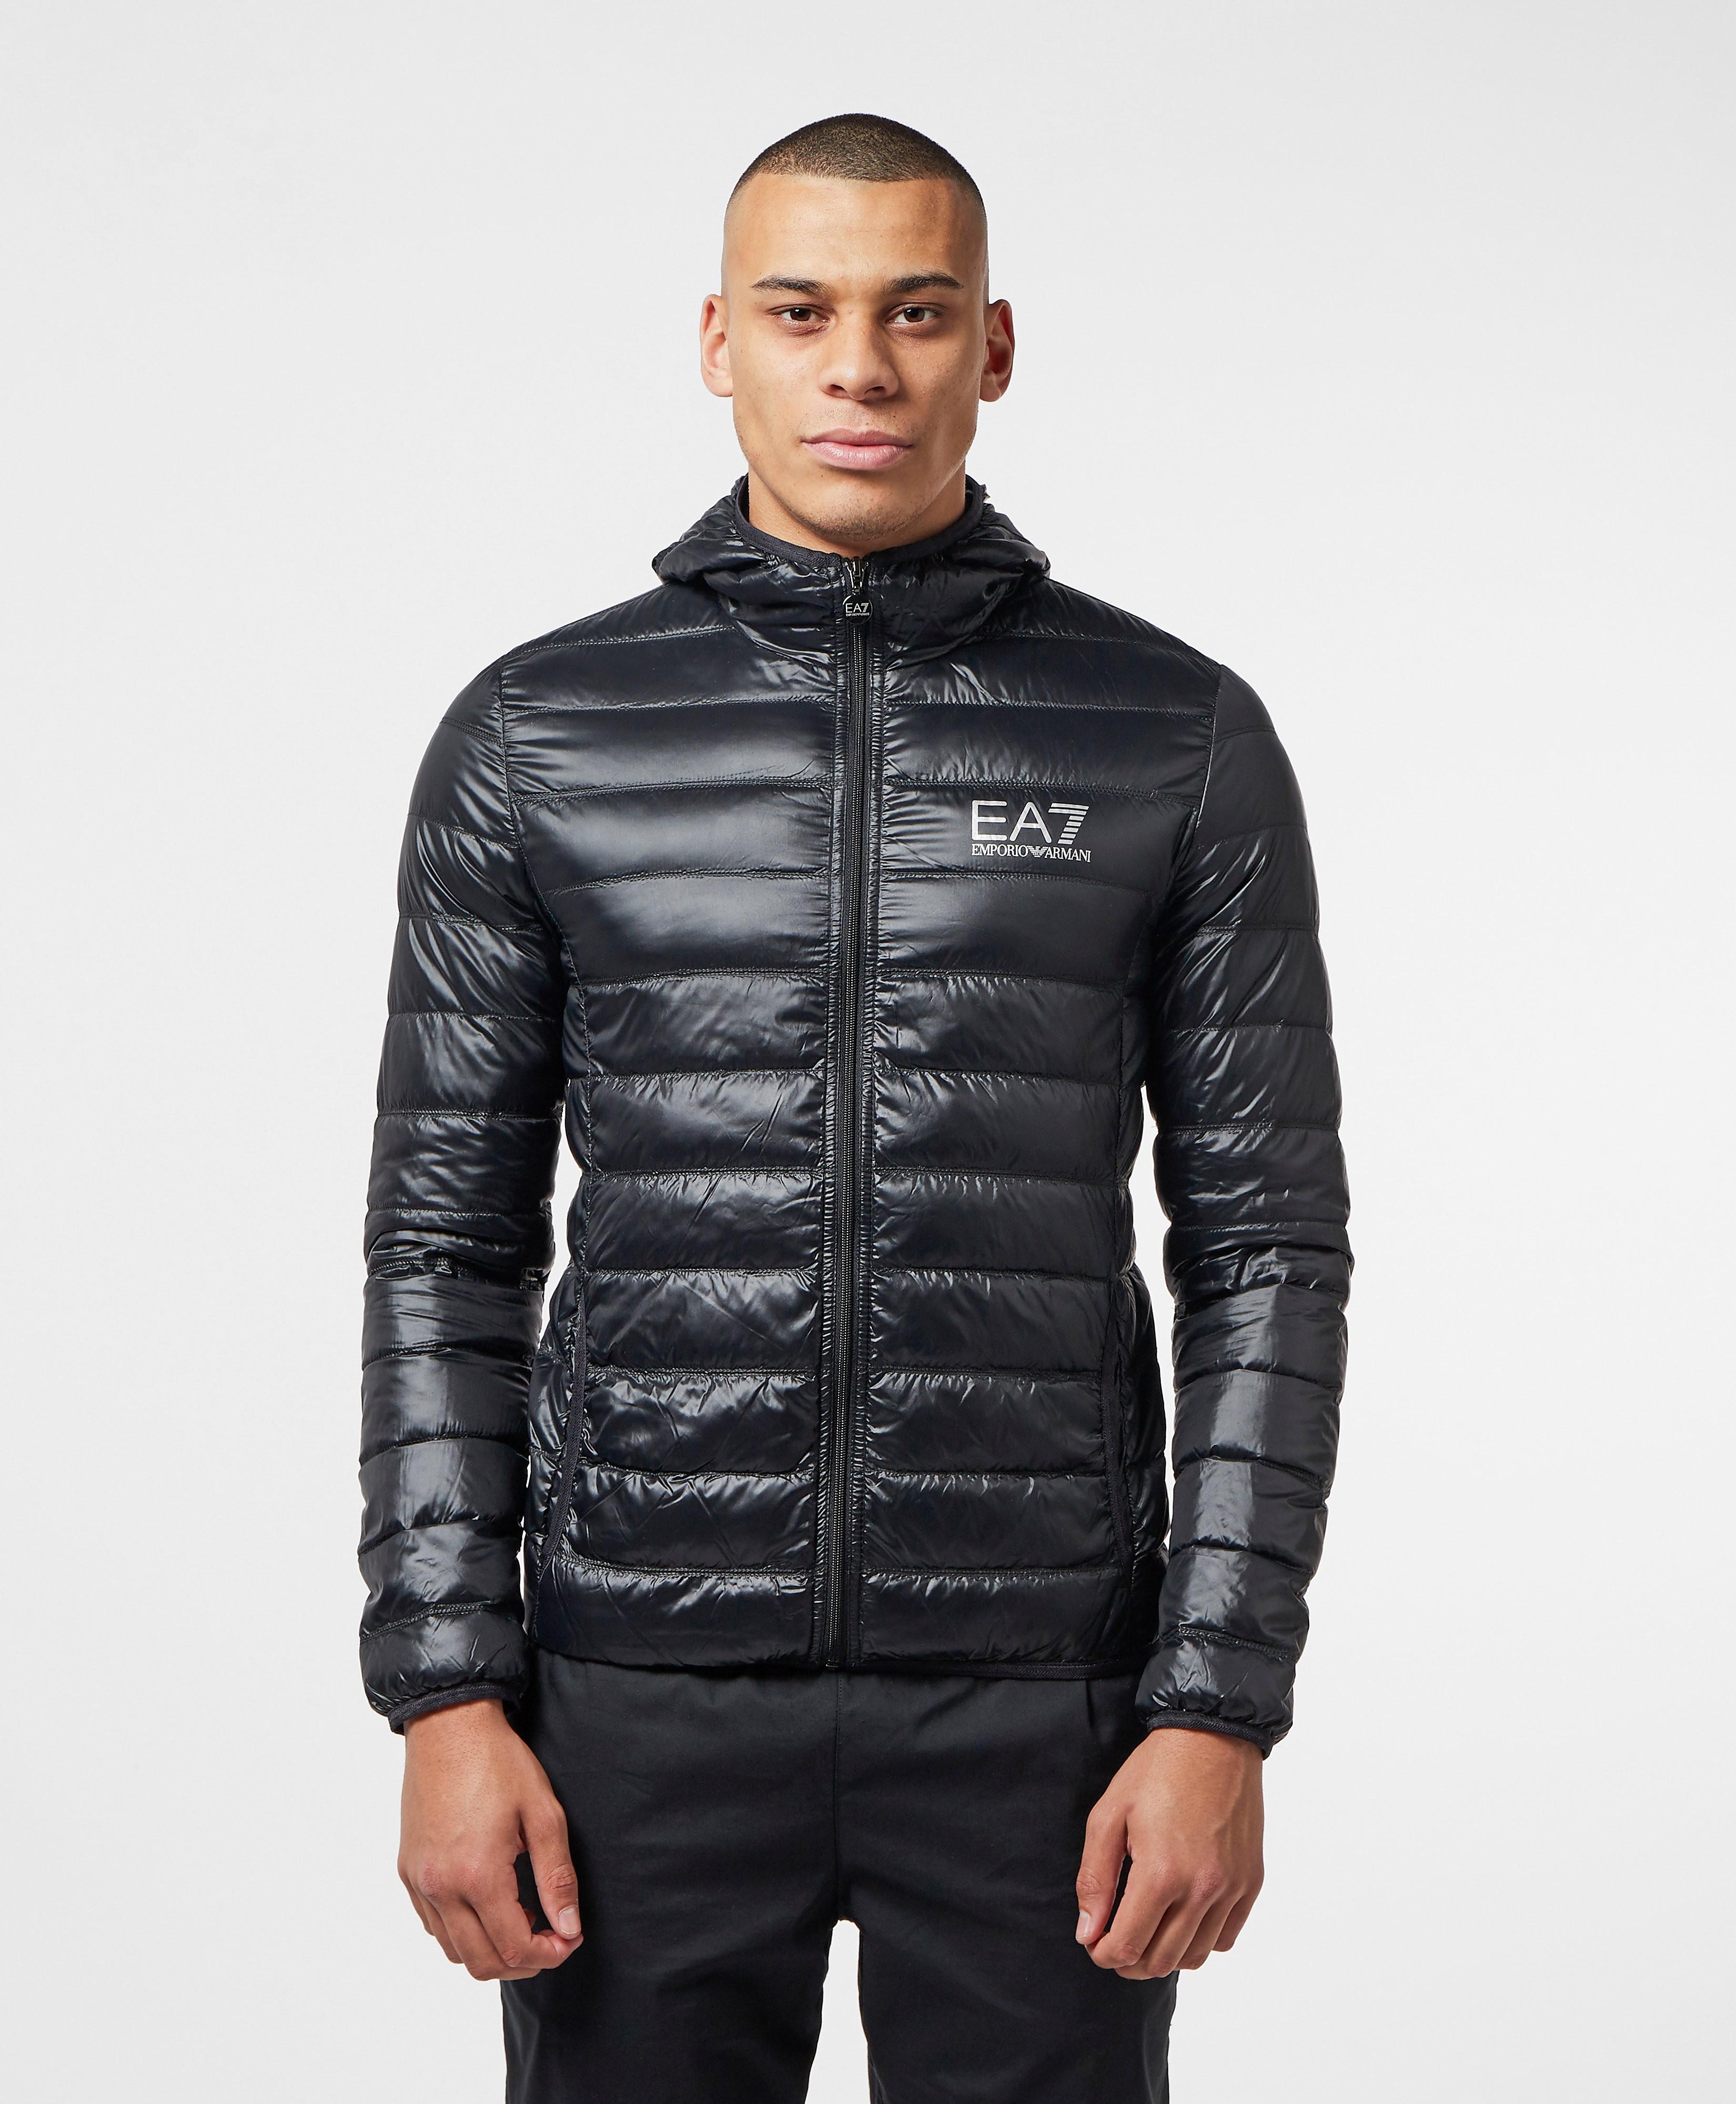 Men's Jackets: How to Combine